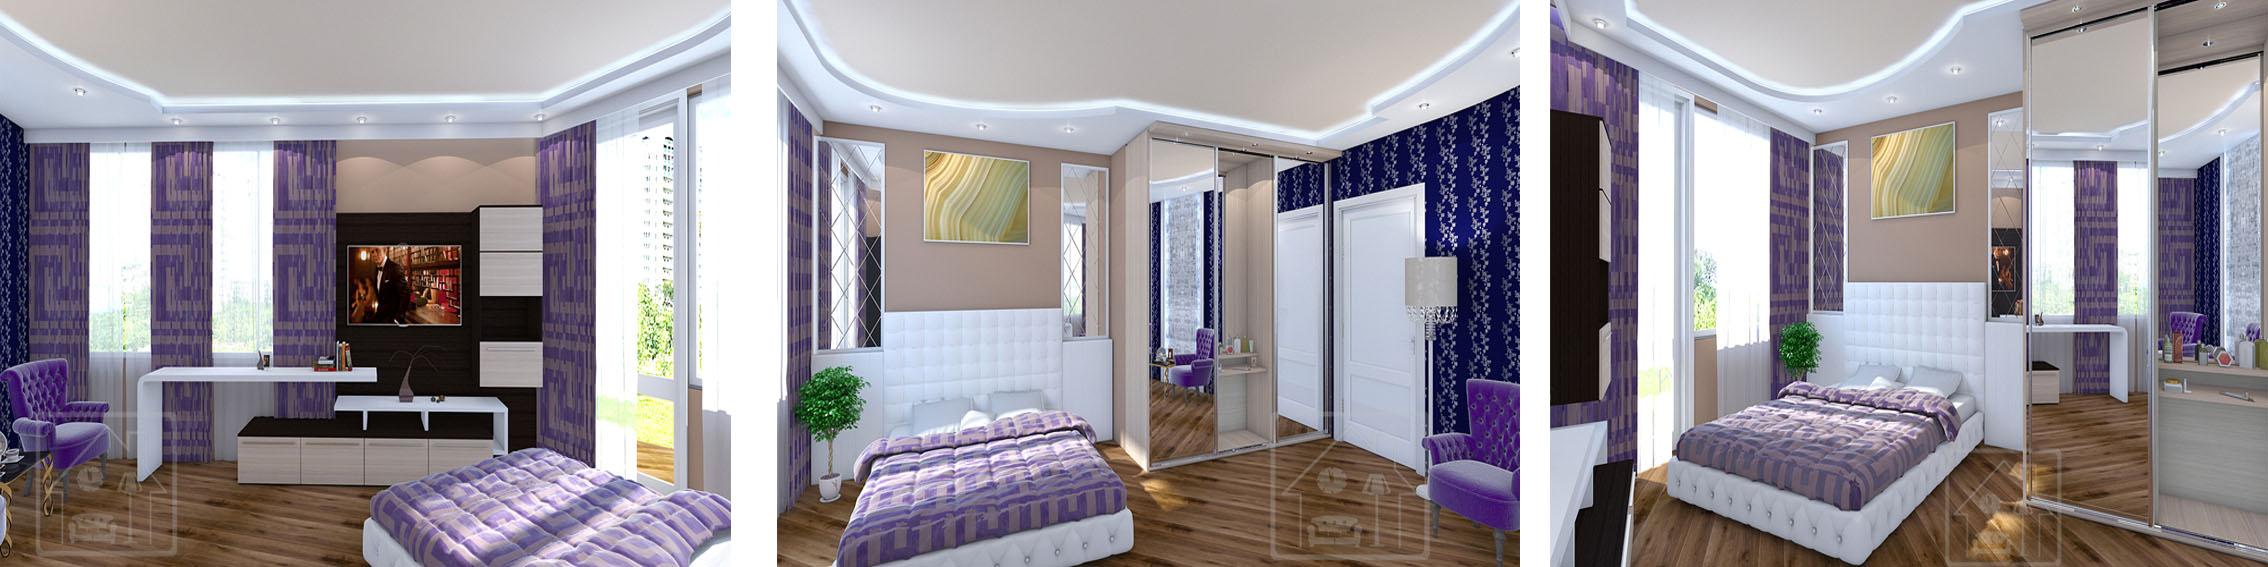 4-х комнатная квартира 150 м 2_Мичуринский проспект _Малая гостиная 4